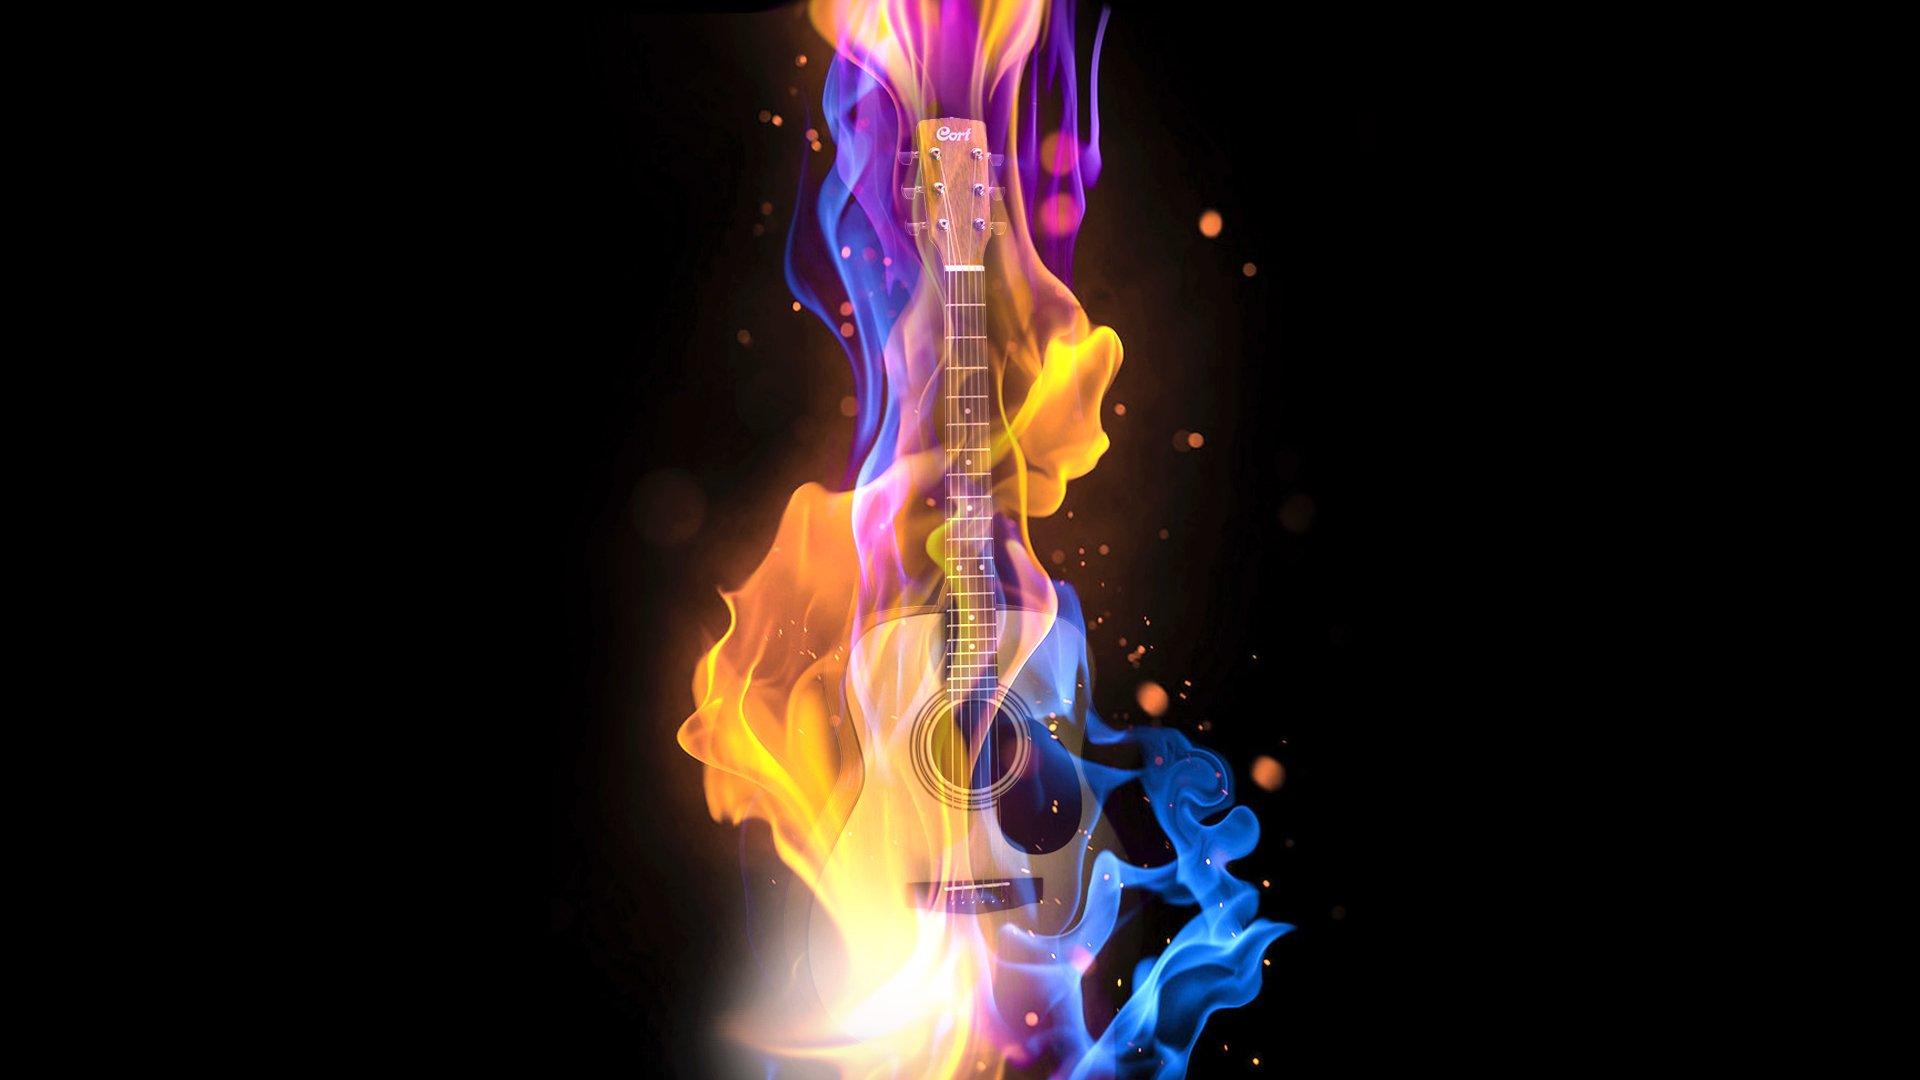 Огненная скрипка без смс